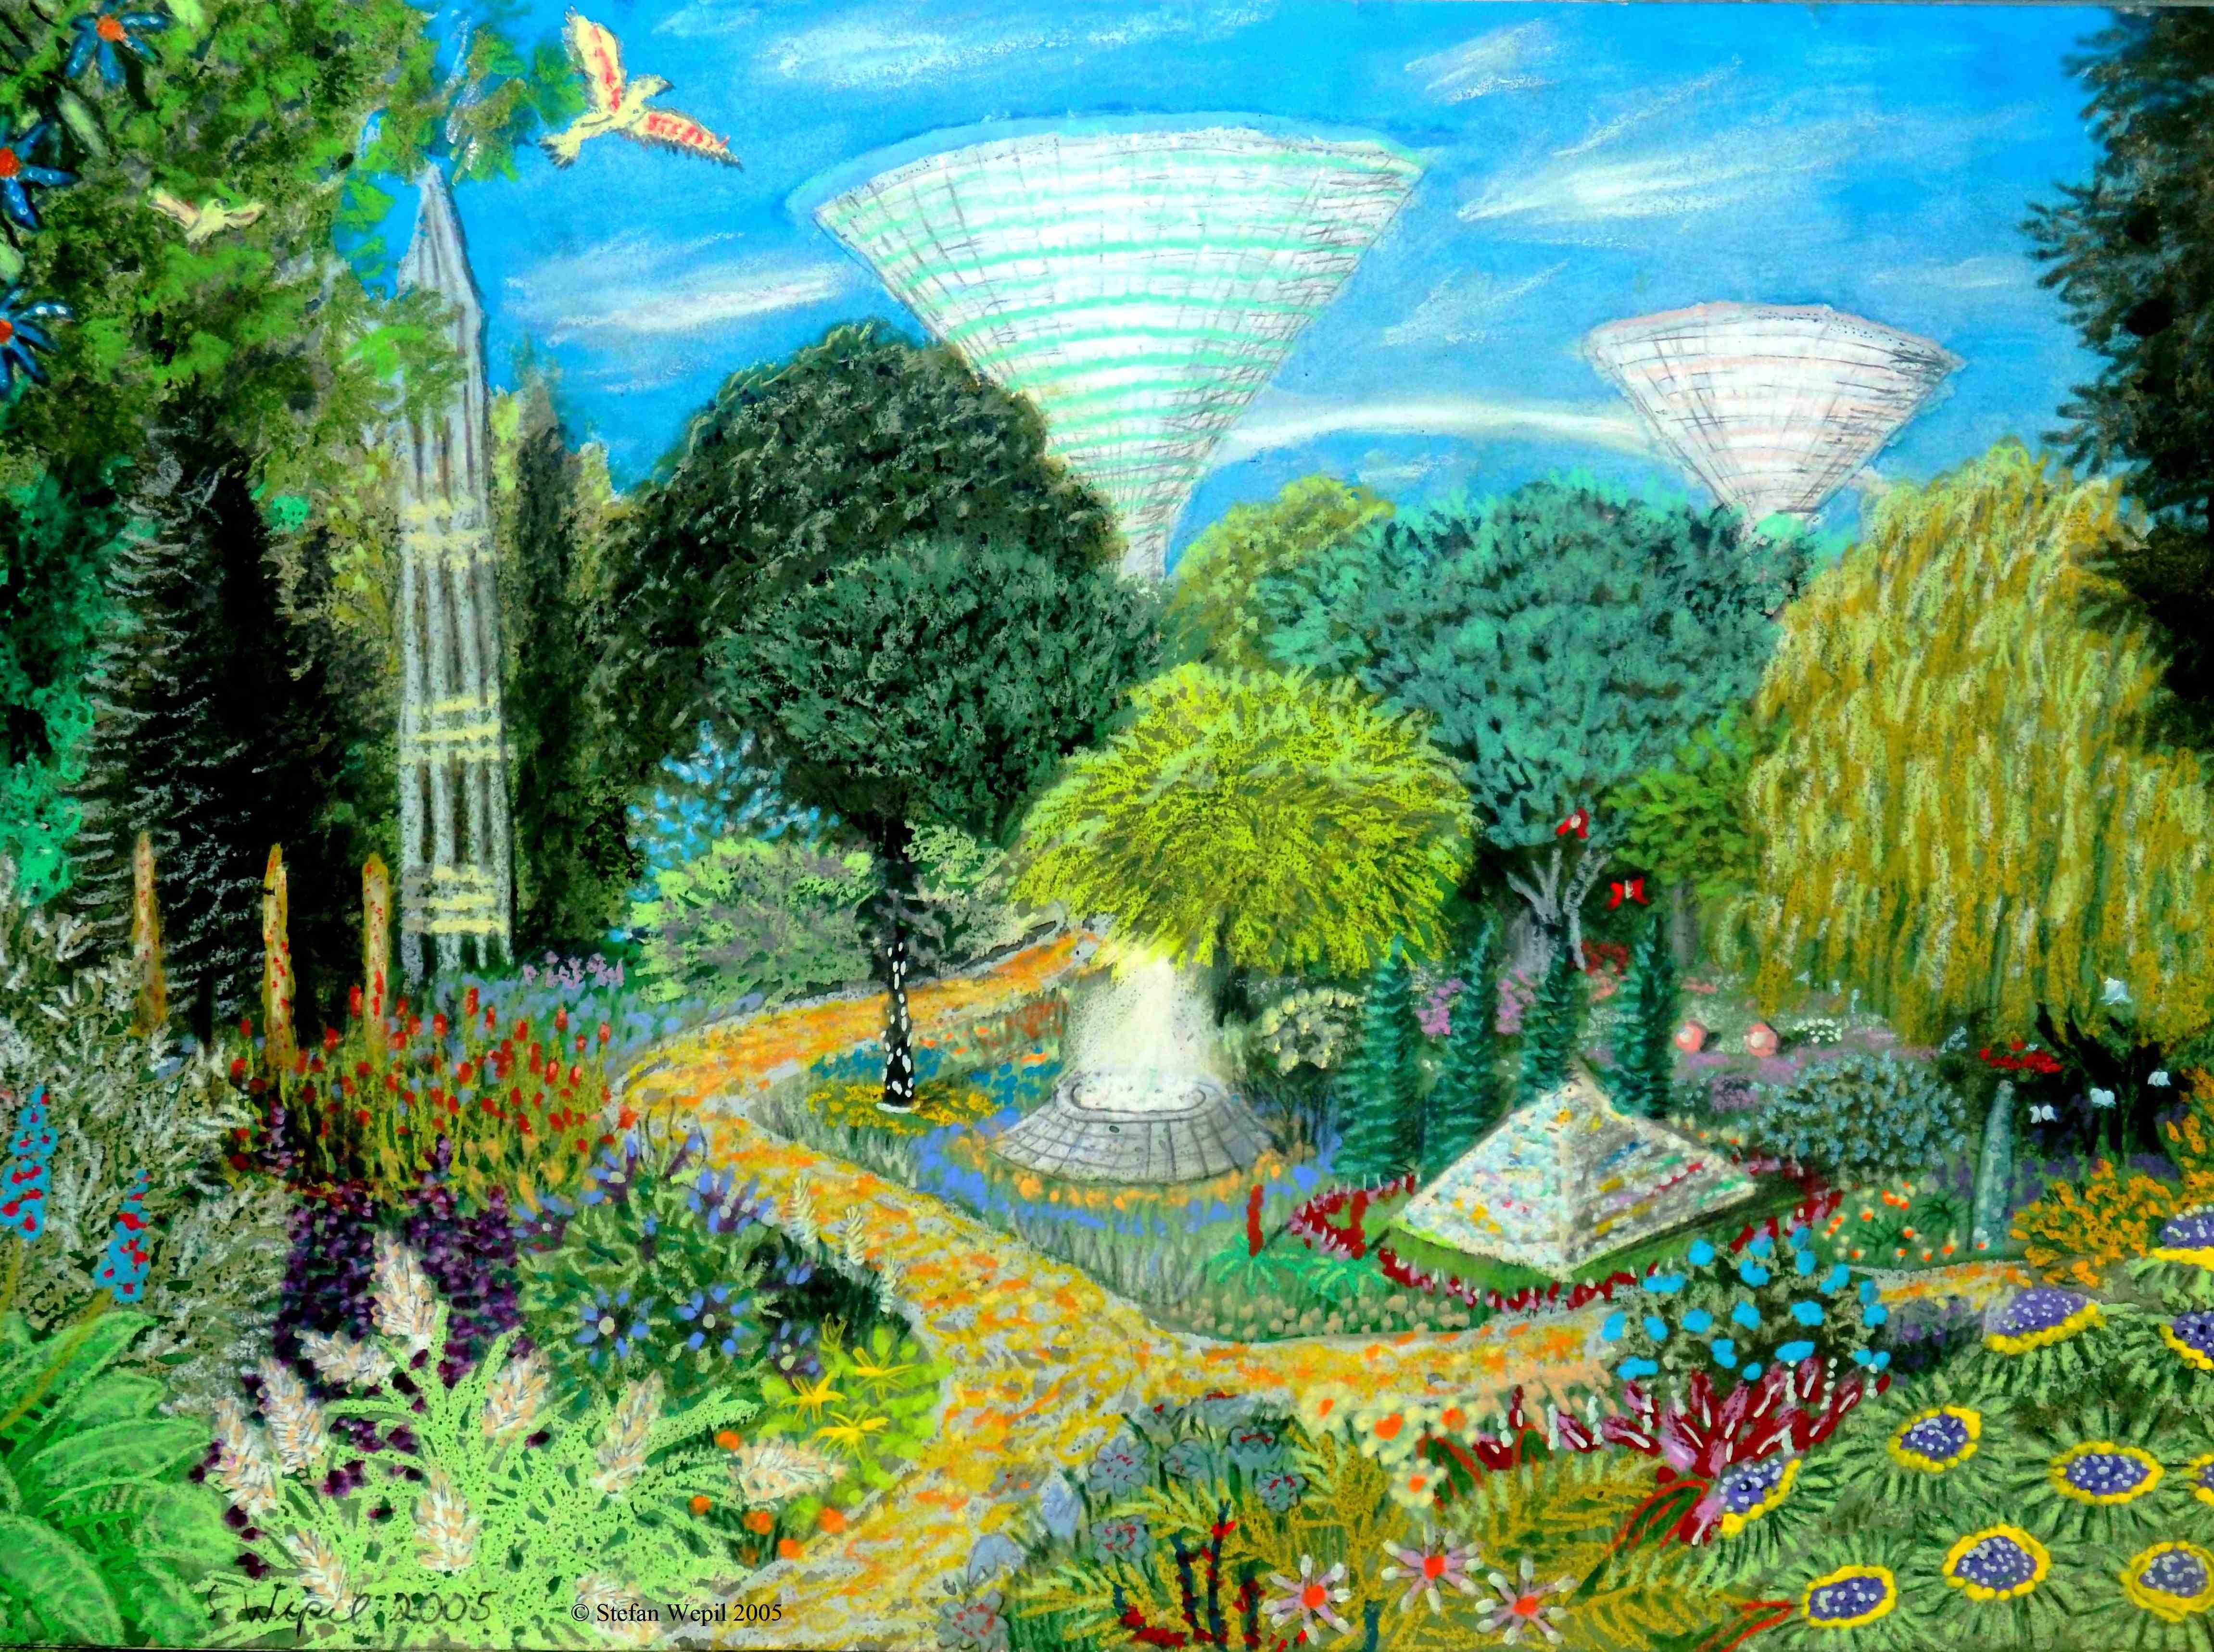 Gärten der arkonidischen Welt Bostich in Cartwheel. (C) Stefan Wepil